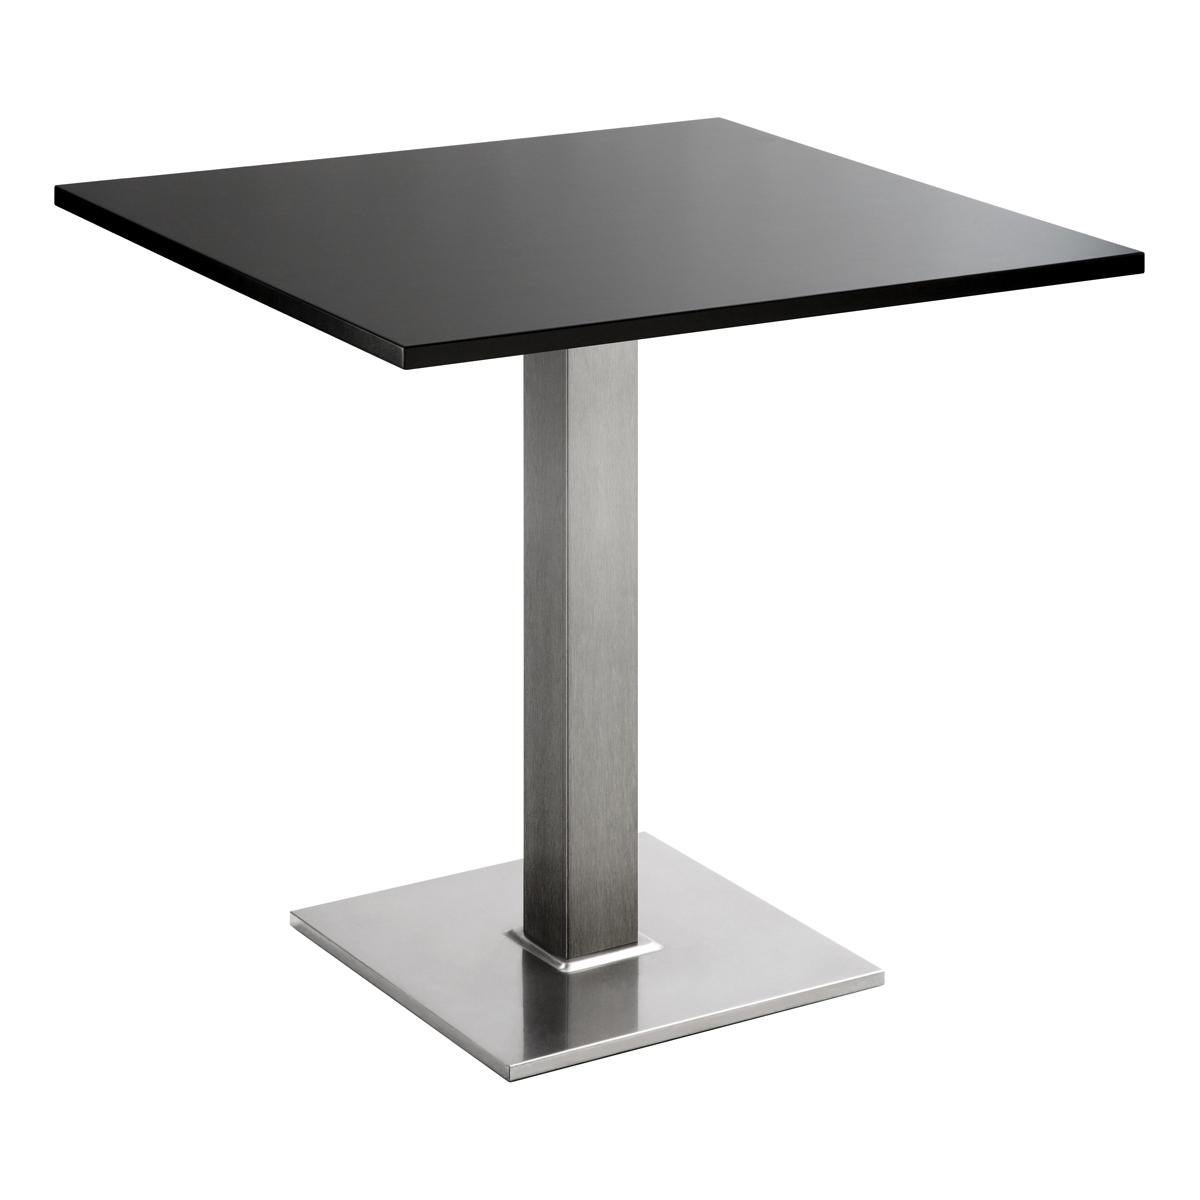 Sitztisch Quadrat, eckig, schwarz